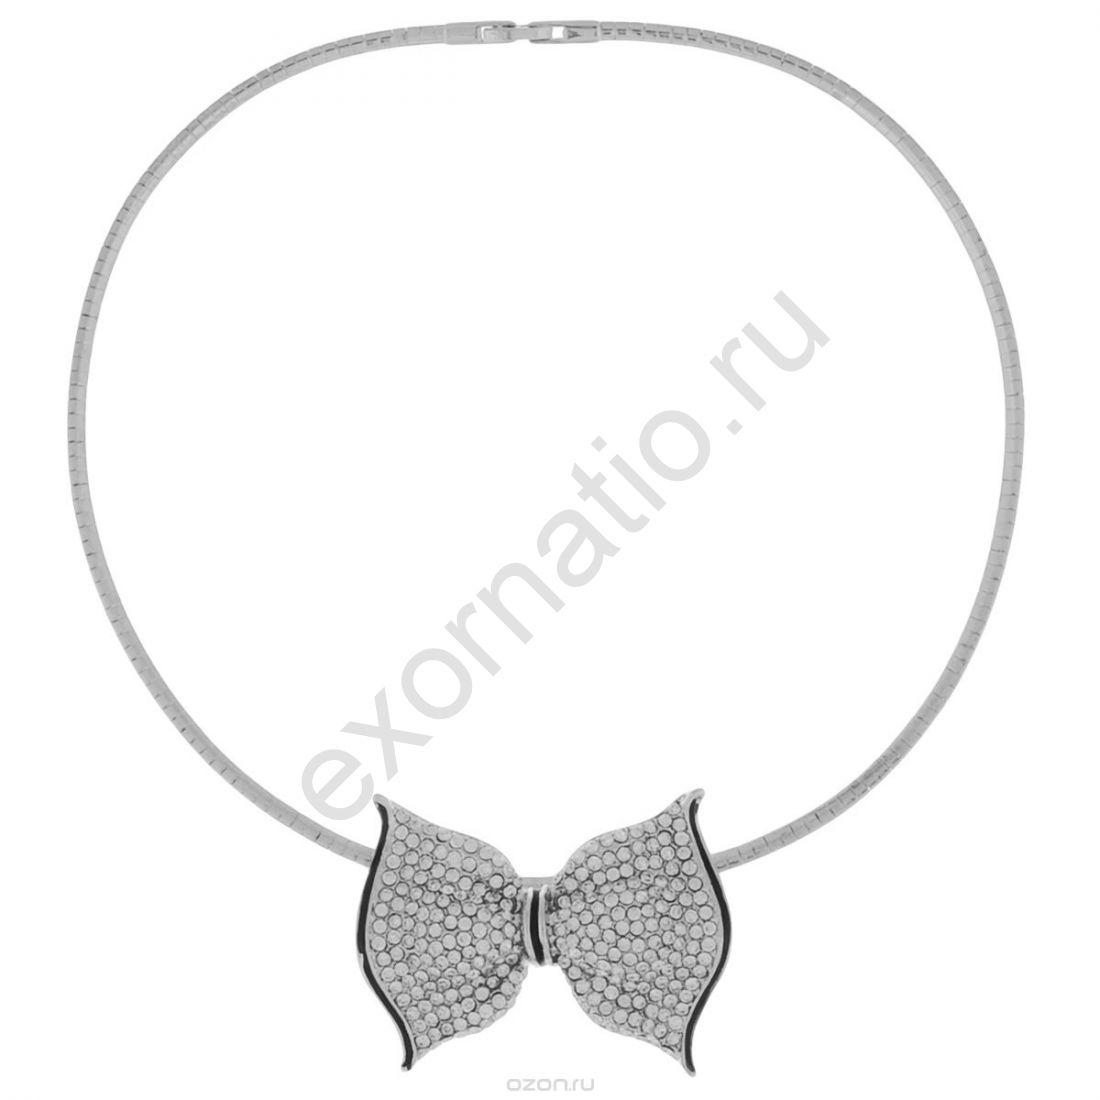 Колье Taya LX. T-B-9784-NECK-SILVER